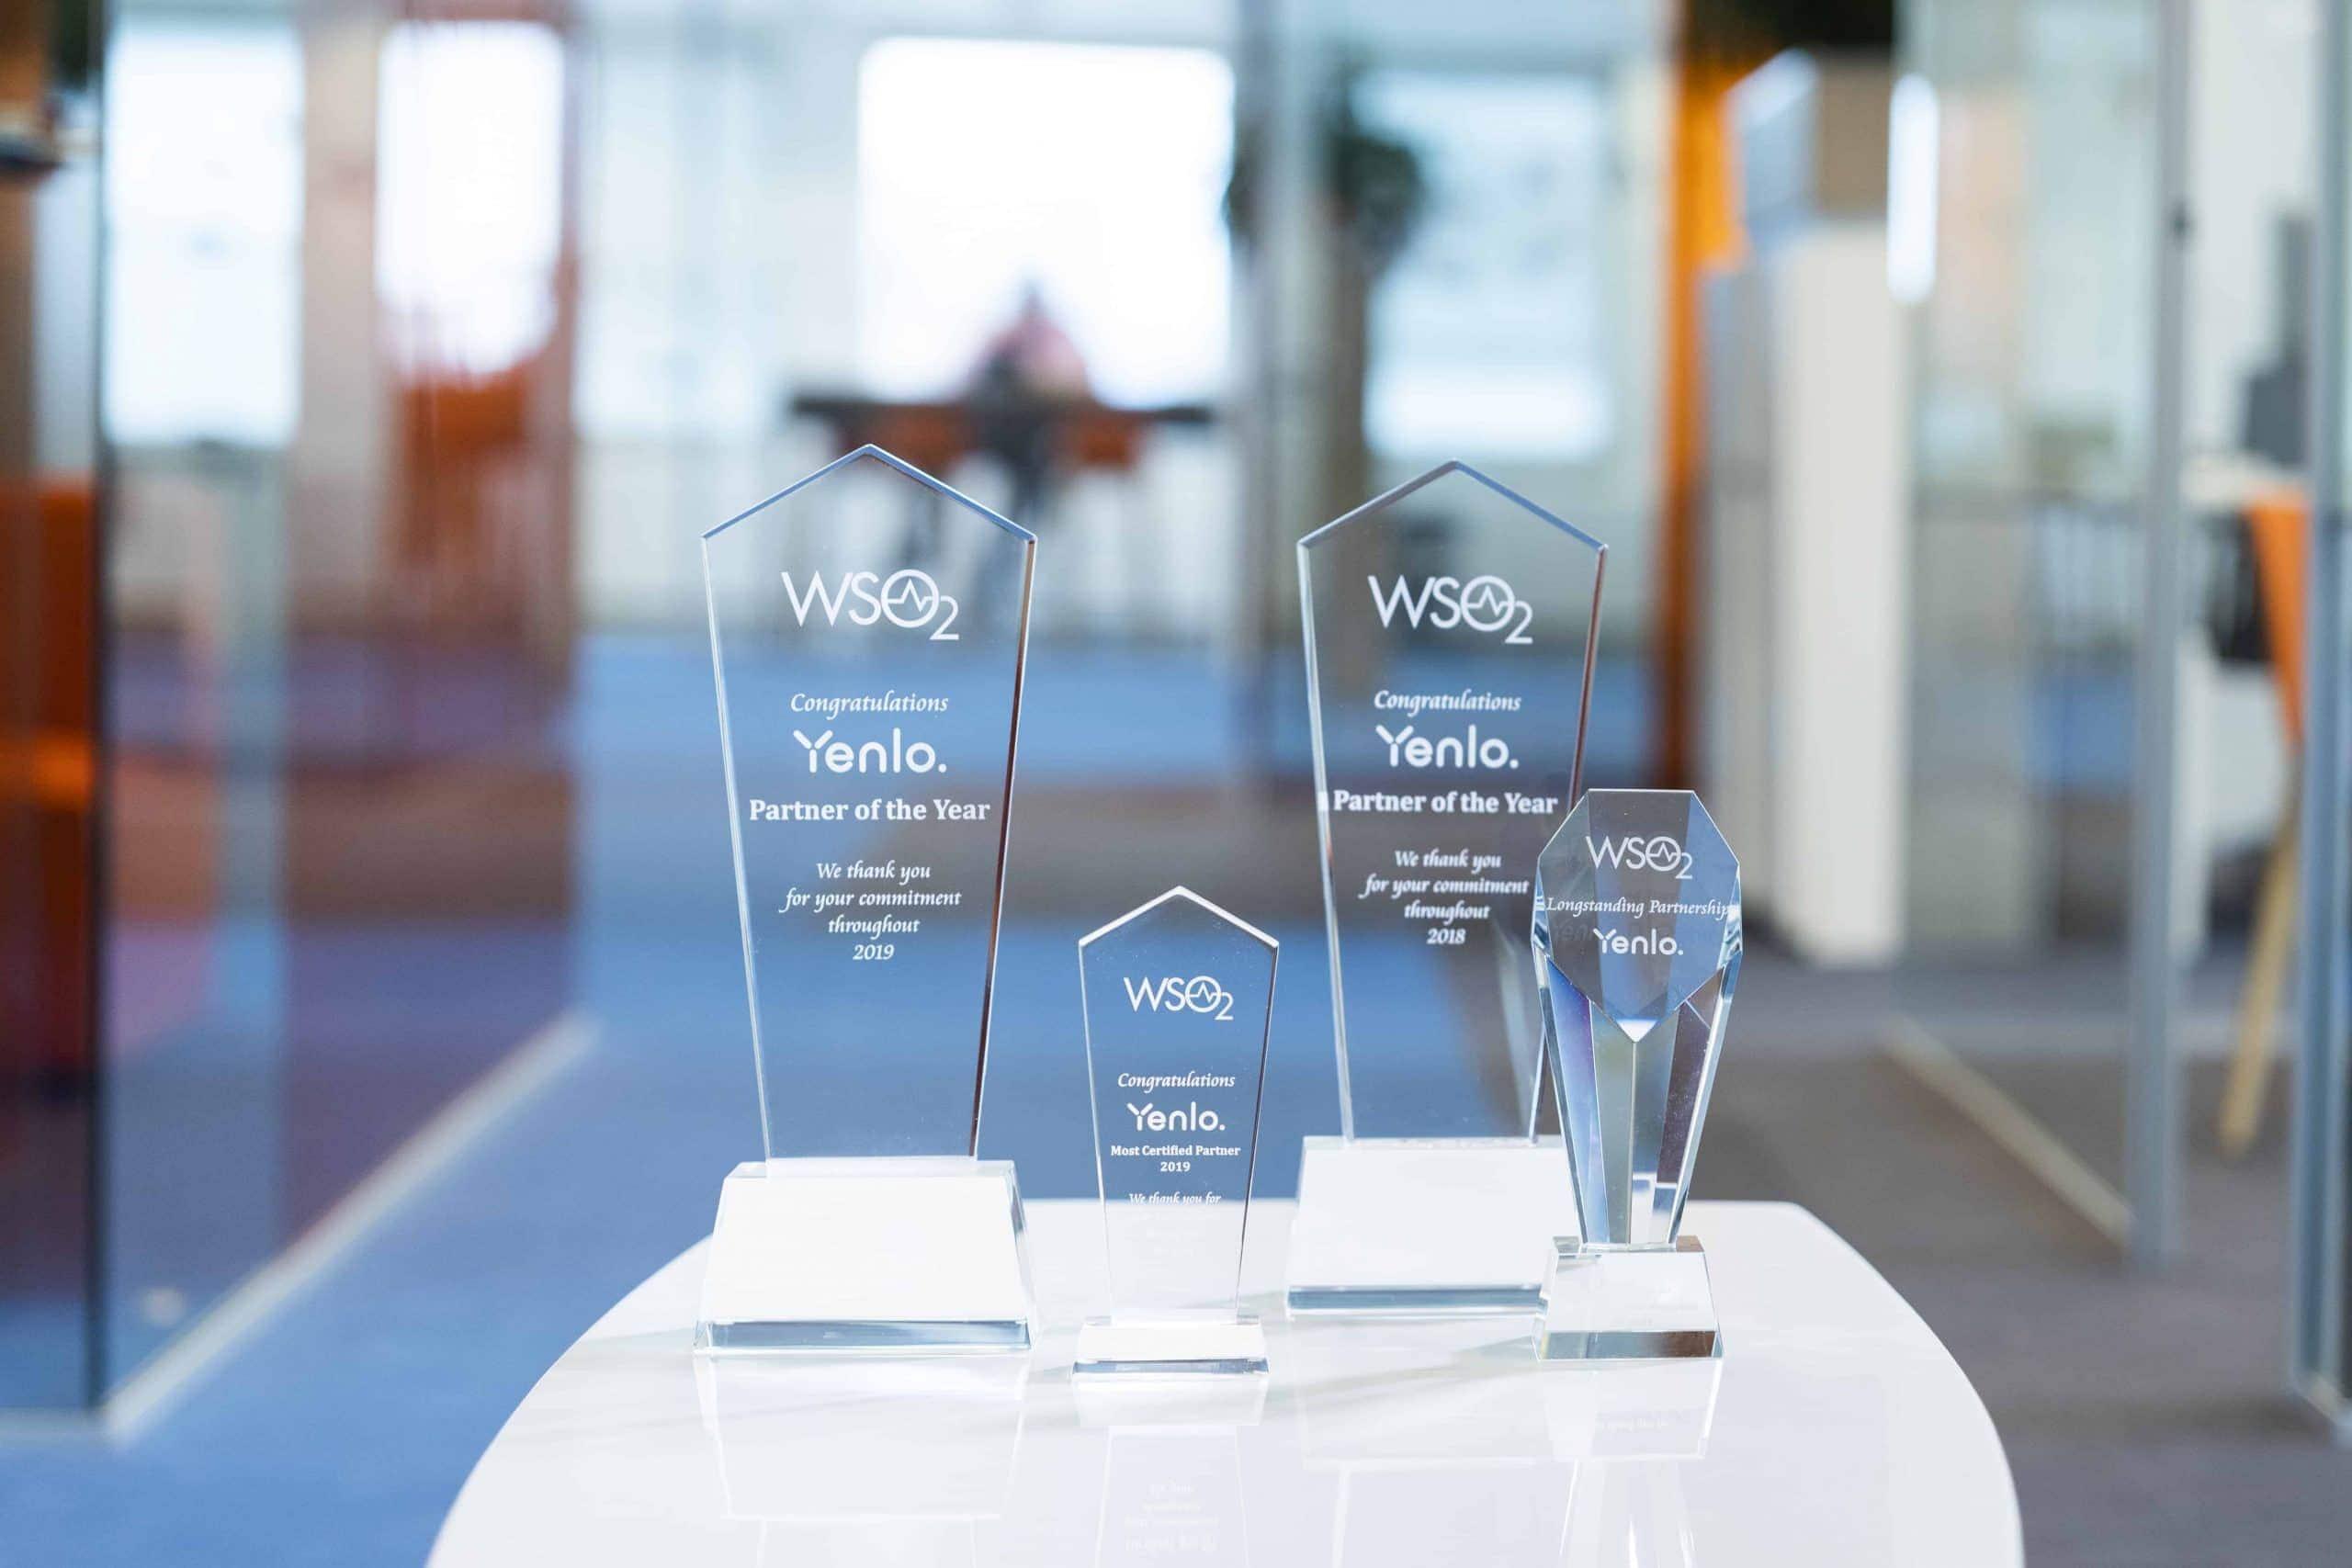 yenlo awards